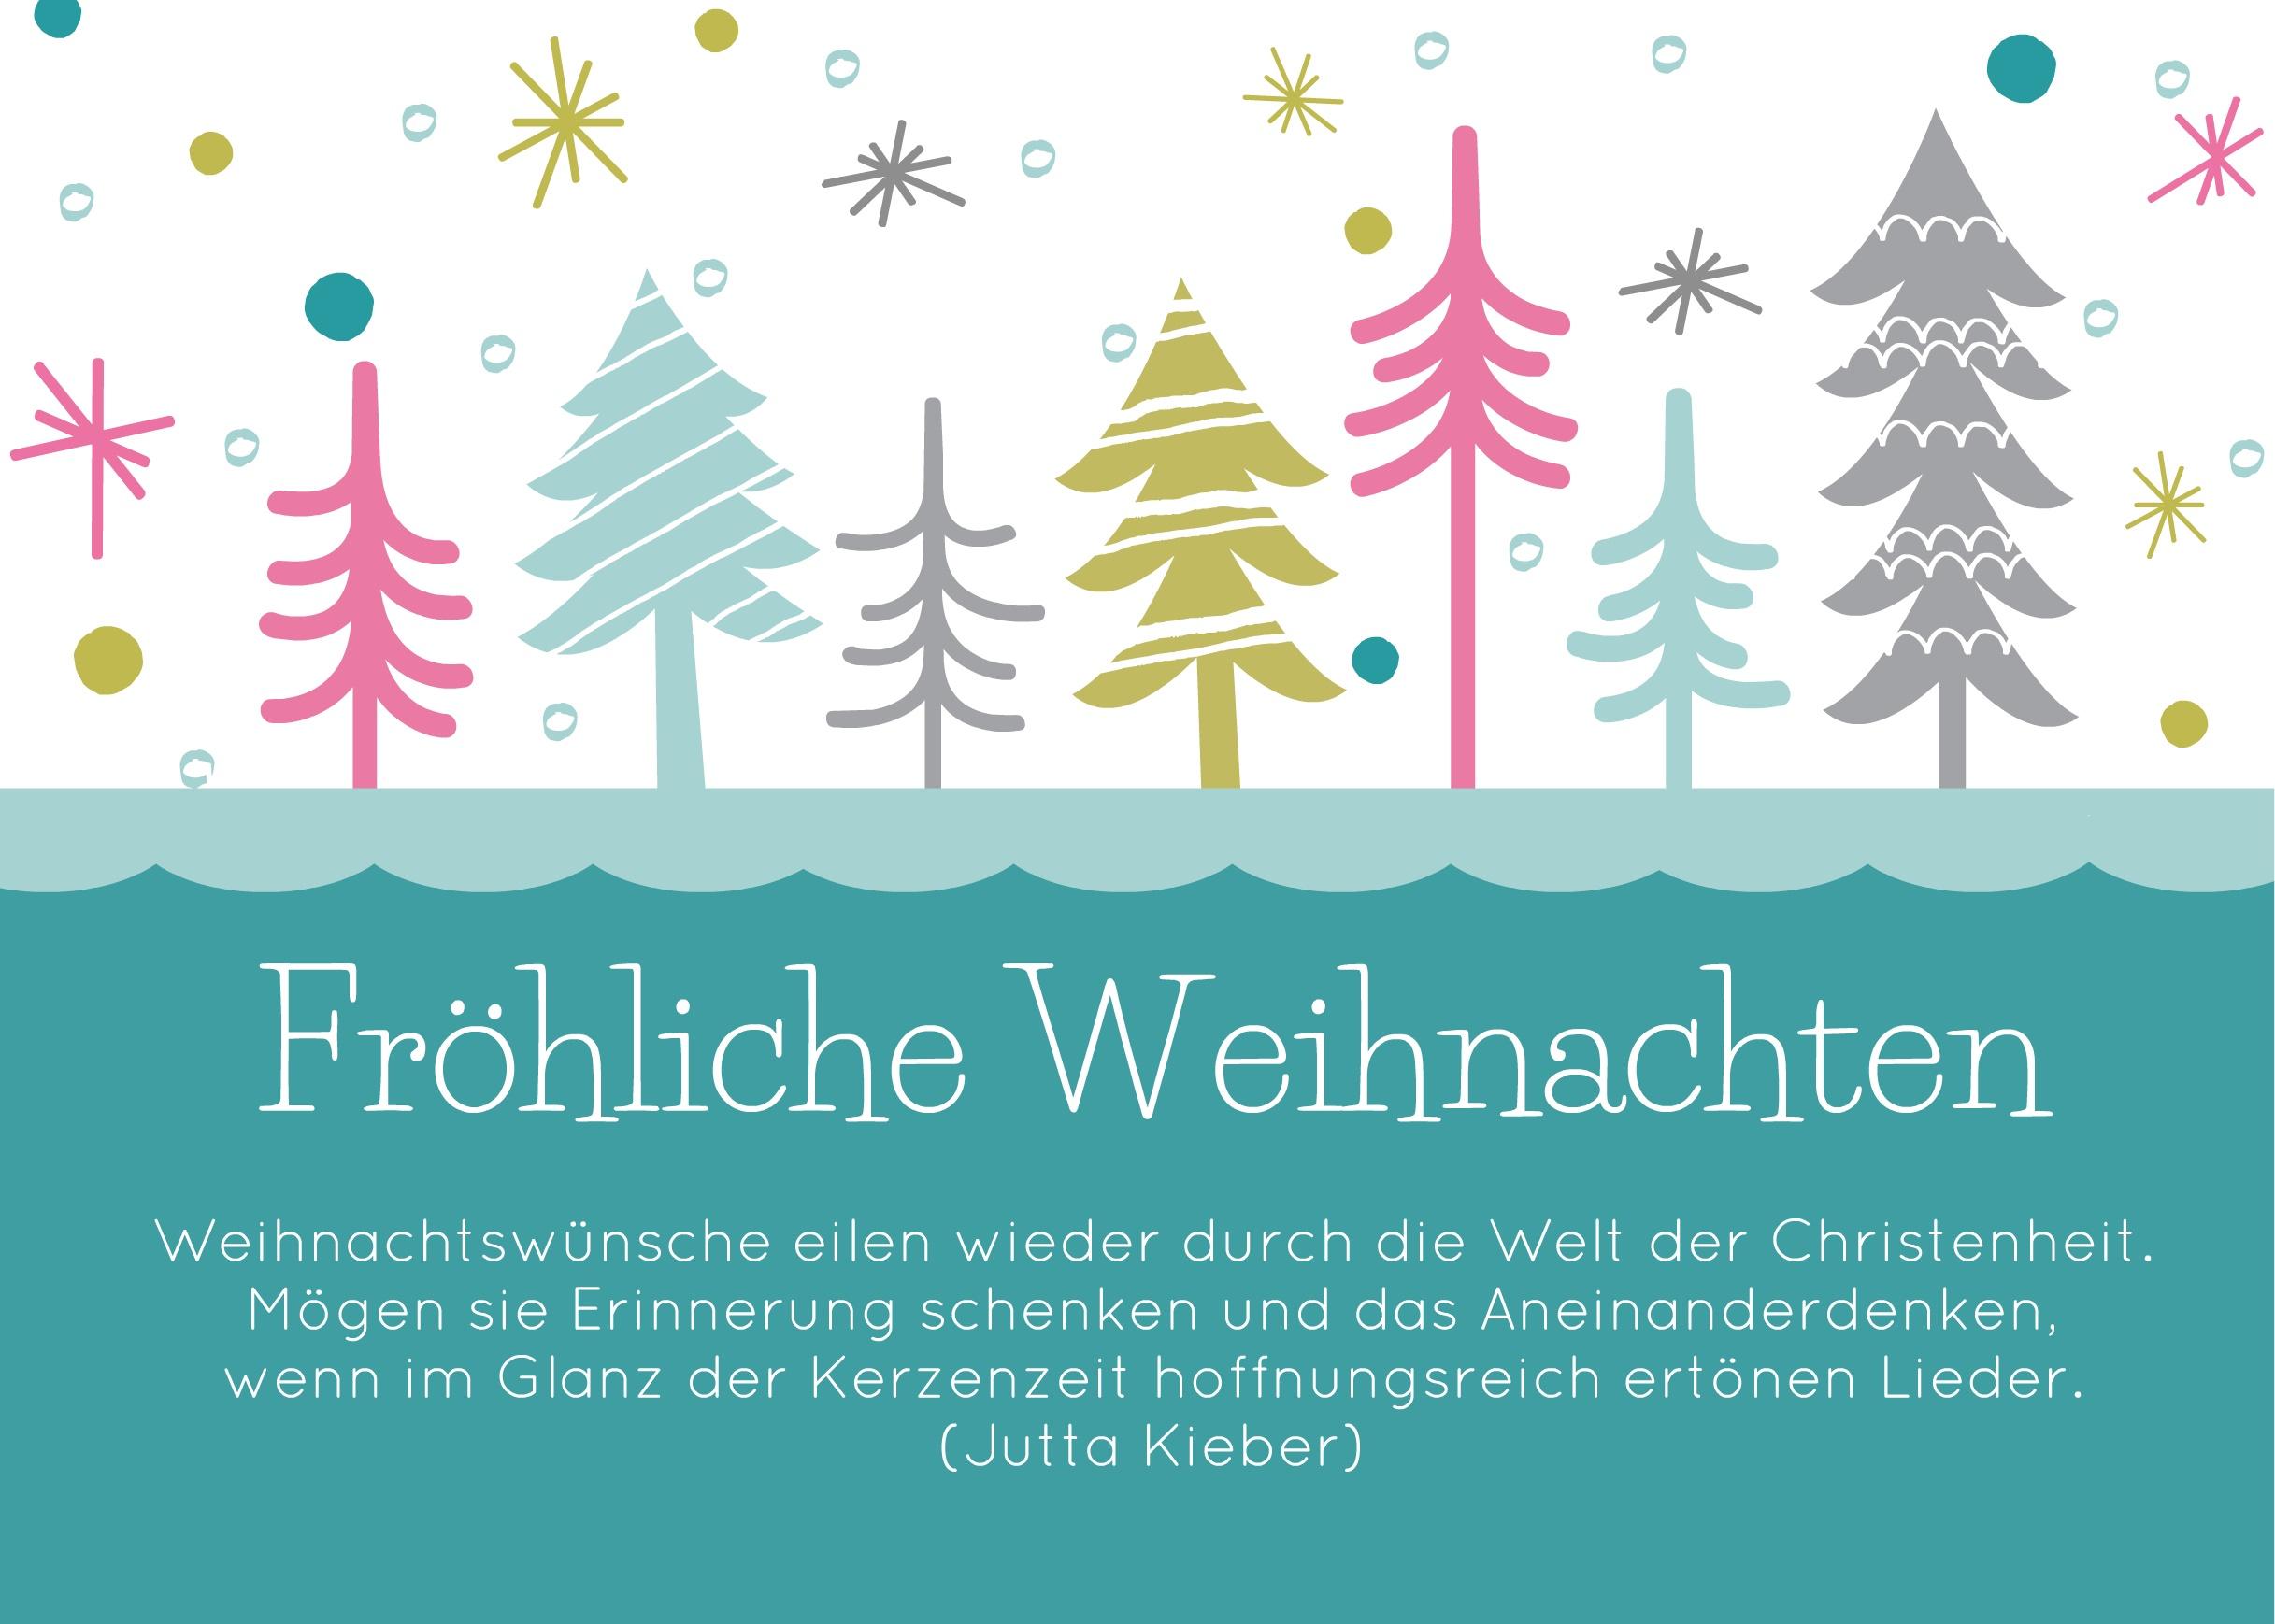 Kurze Weihnachtswünsche Für Kunden.Schöne Weihnachtsgrüße An Kunden